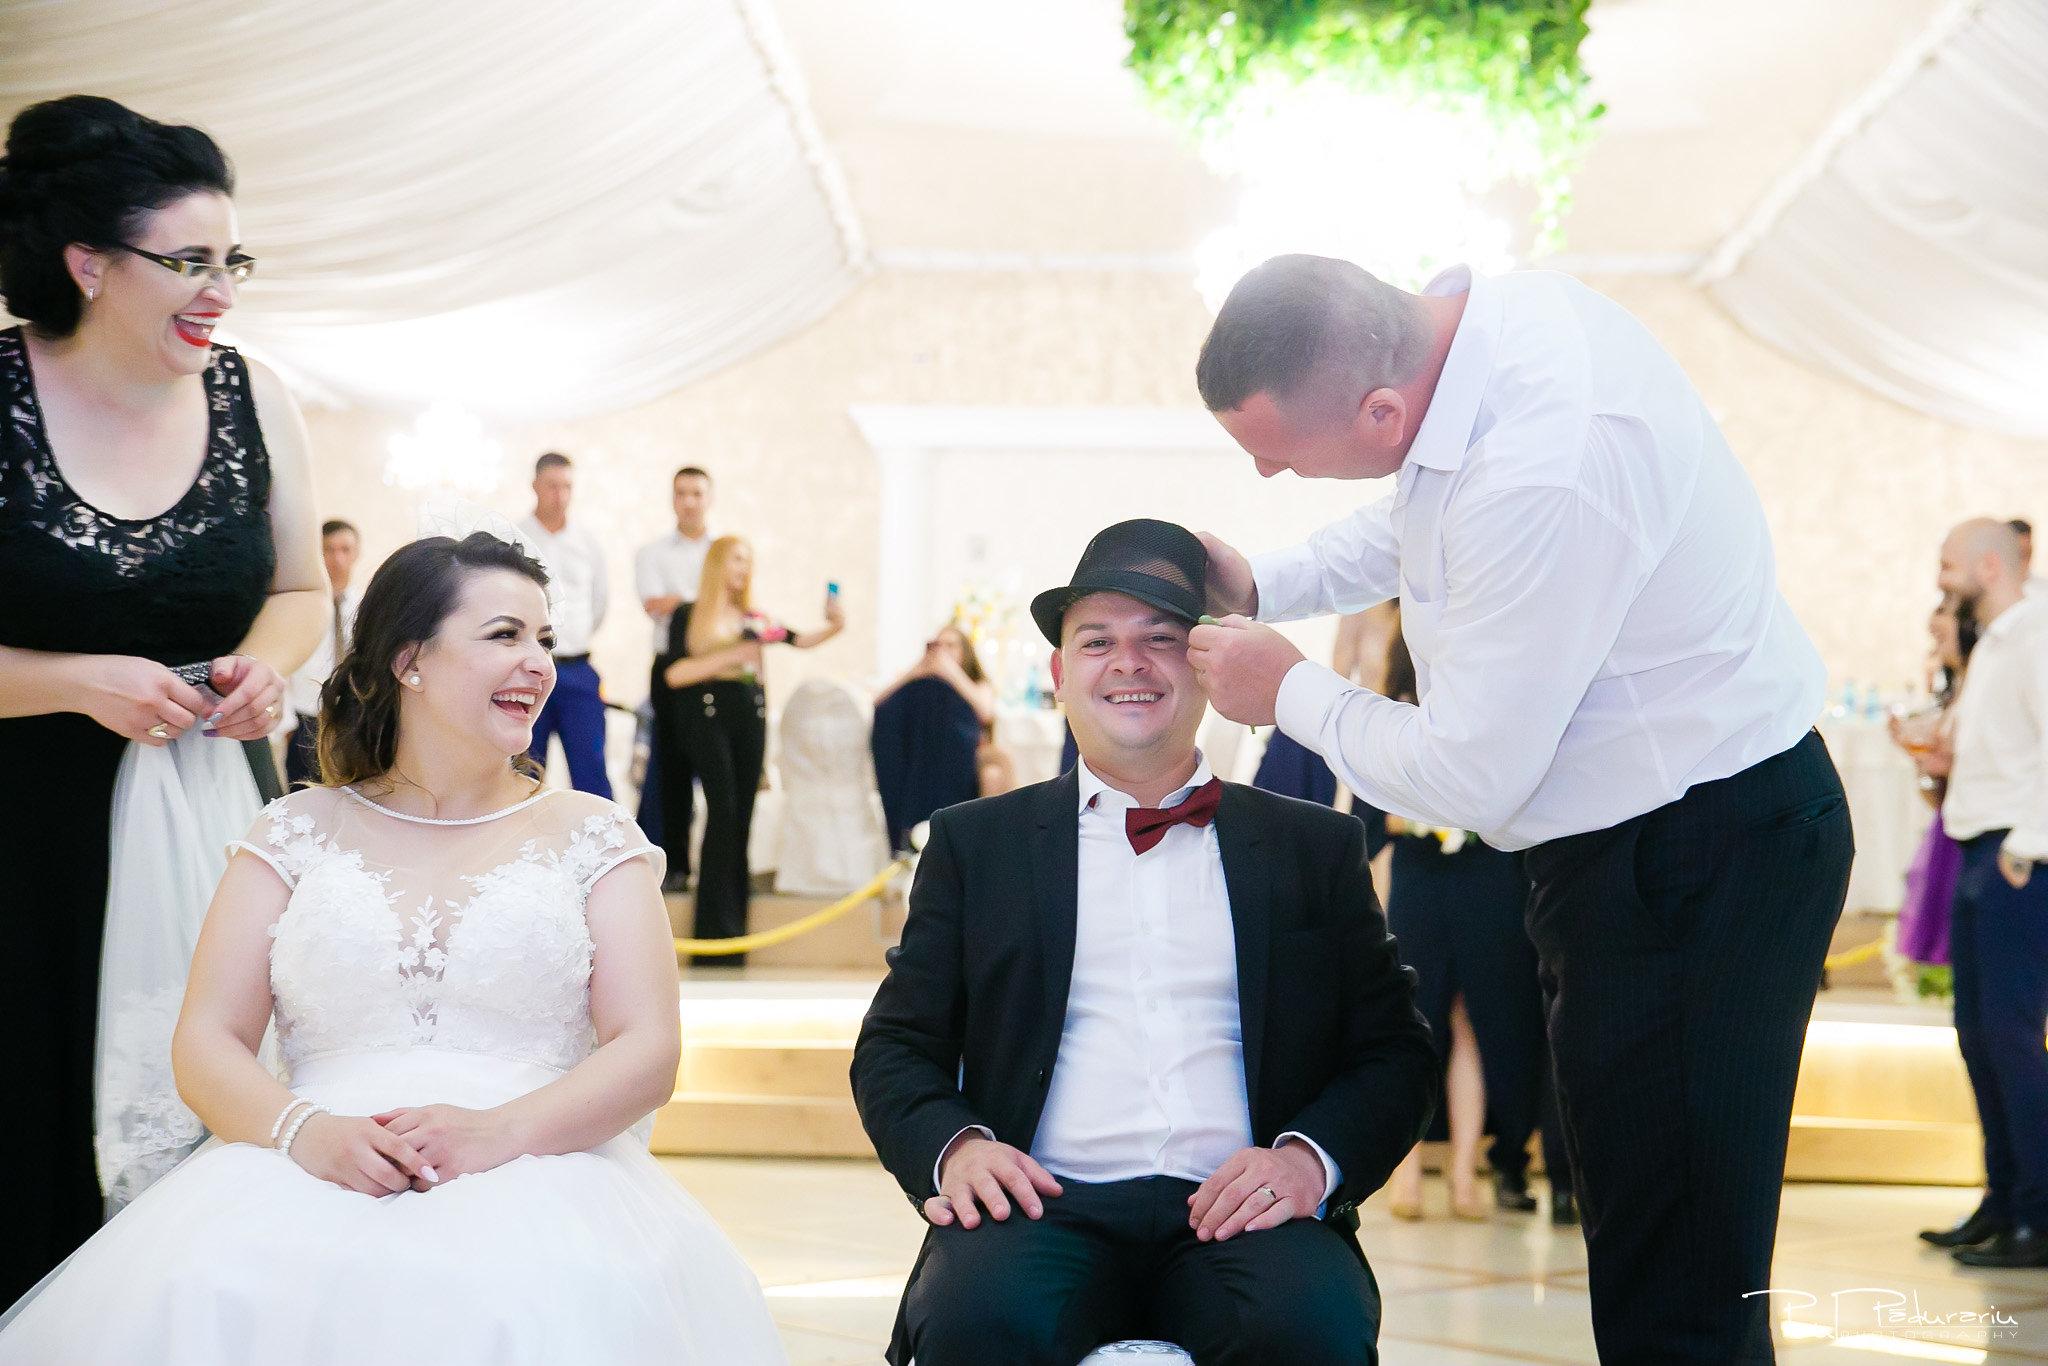 Nunta la Castel Iasi Ana-Maria si Marius fotograf profesionistwww.paulpadurariu.ro © 2018 Paul Padurariu 3